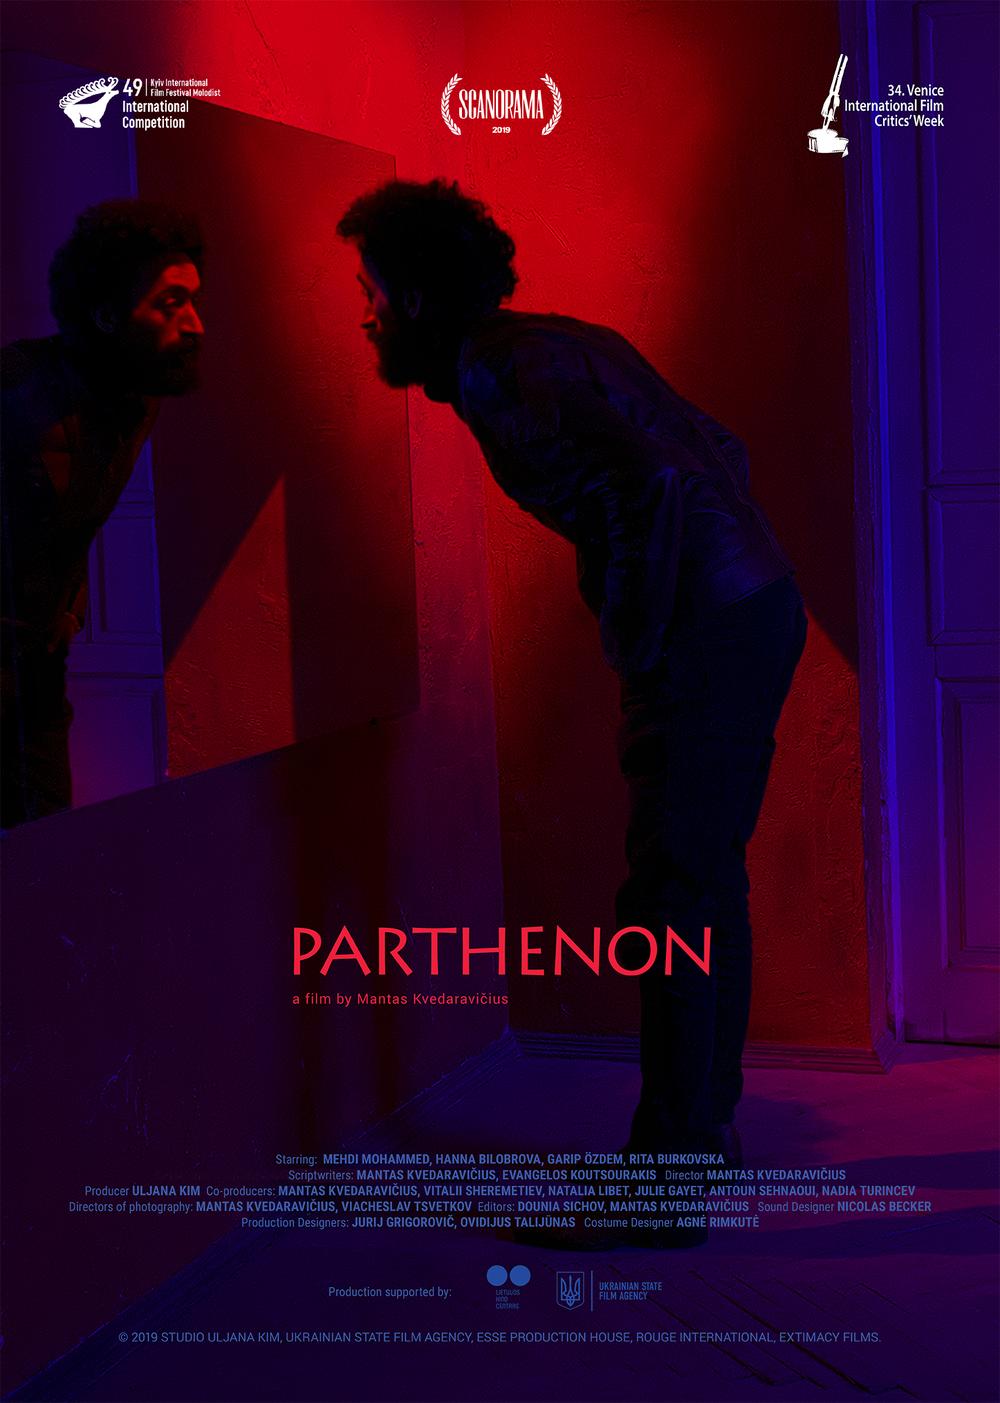 Міжнародний постер фільму «Парфенон» (2019) режисера Мантаса Кведаравічюса